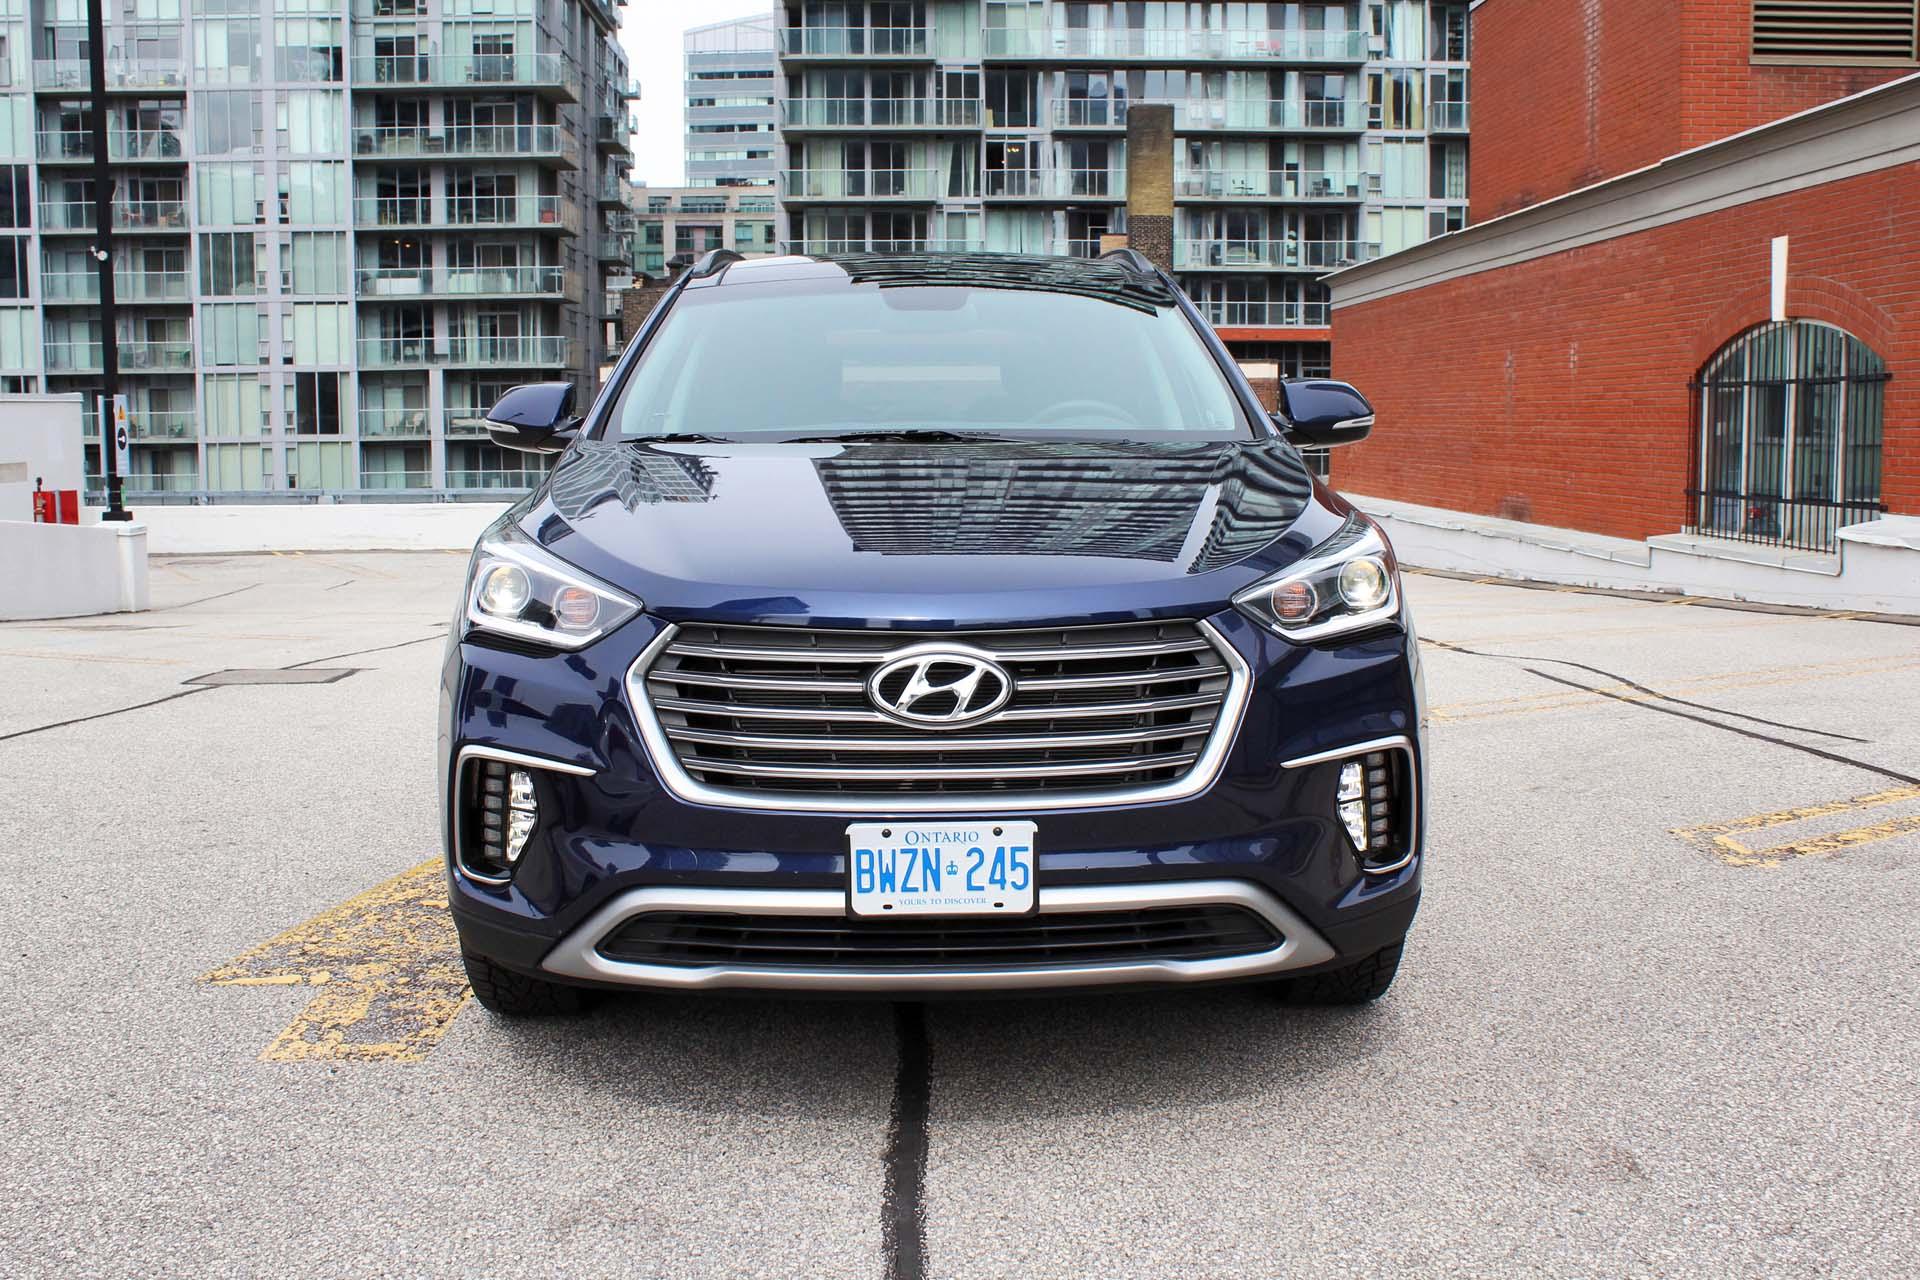 Ford edge vs hyundai santa fe sport compare cars for Hyundai santa fe sport vs honda crv